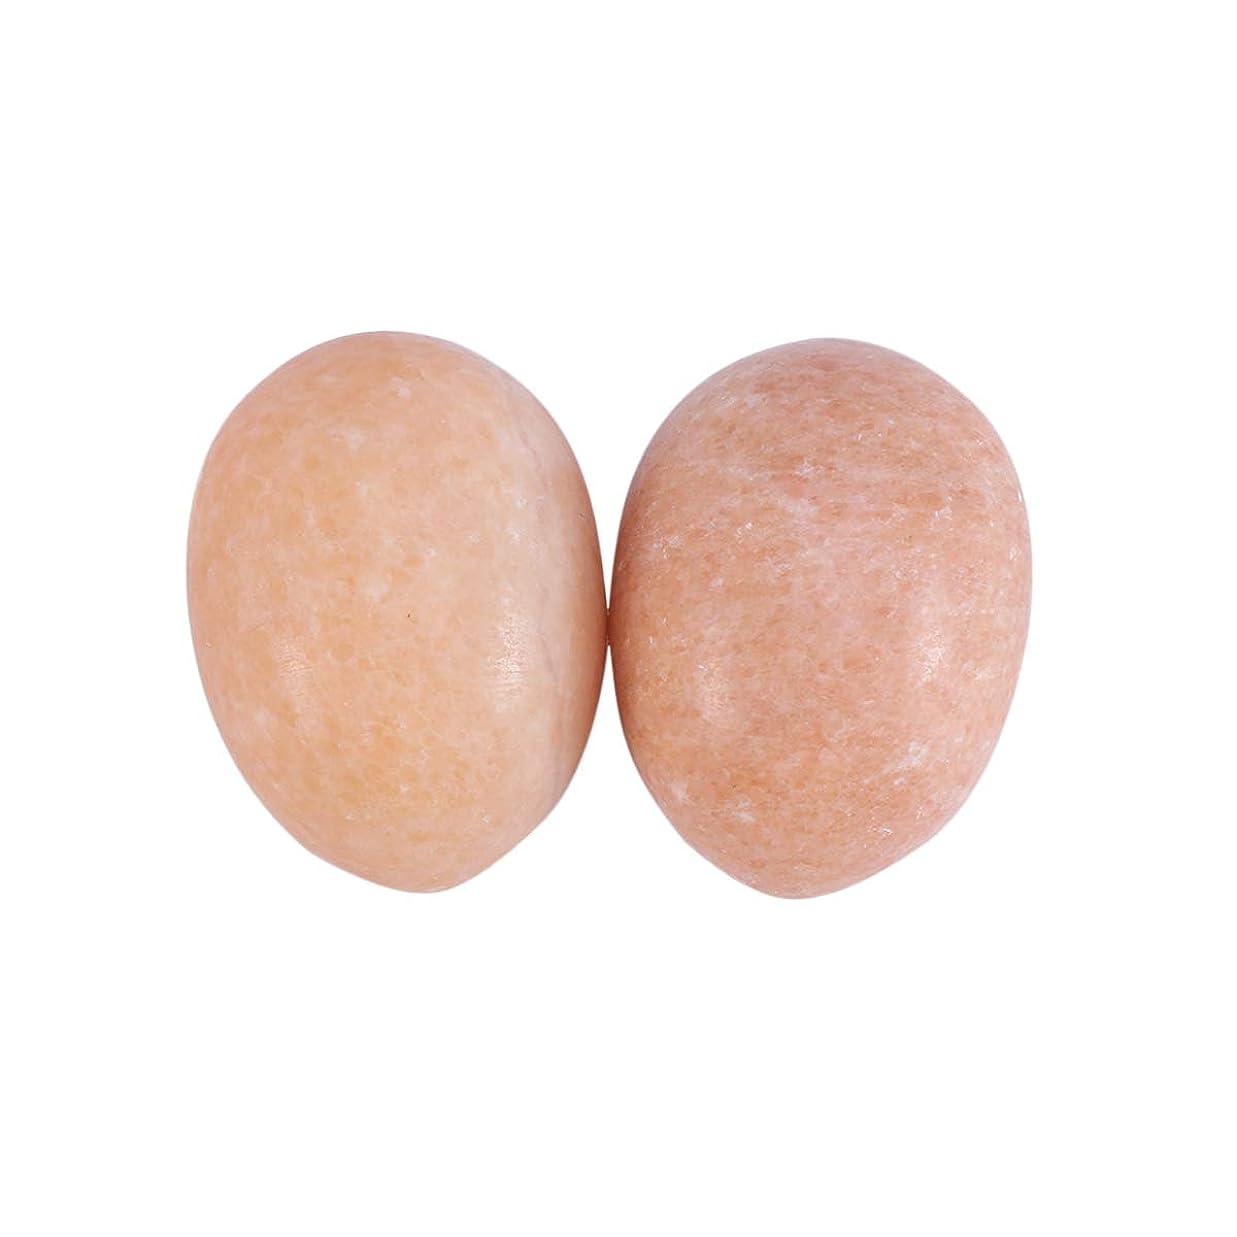 パーツ送ったウェブHealifty 6PCS玉ヨニ卵マッサージ癒しの石のケゲル運動骨盤底筋運動(日没赤)